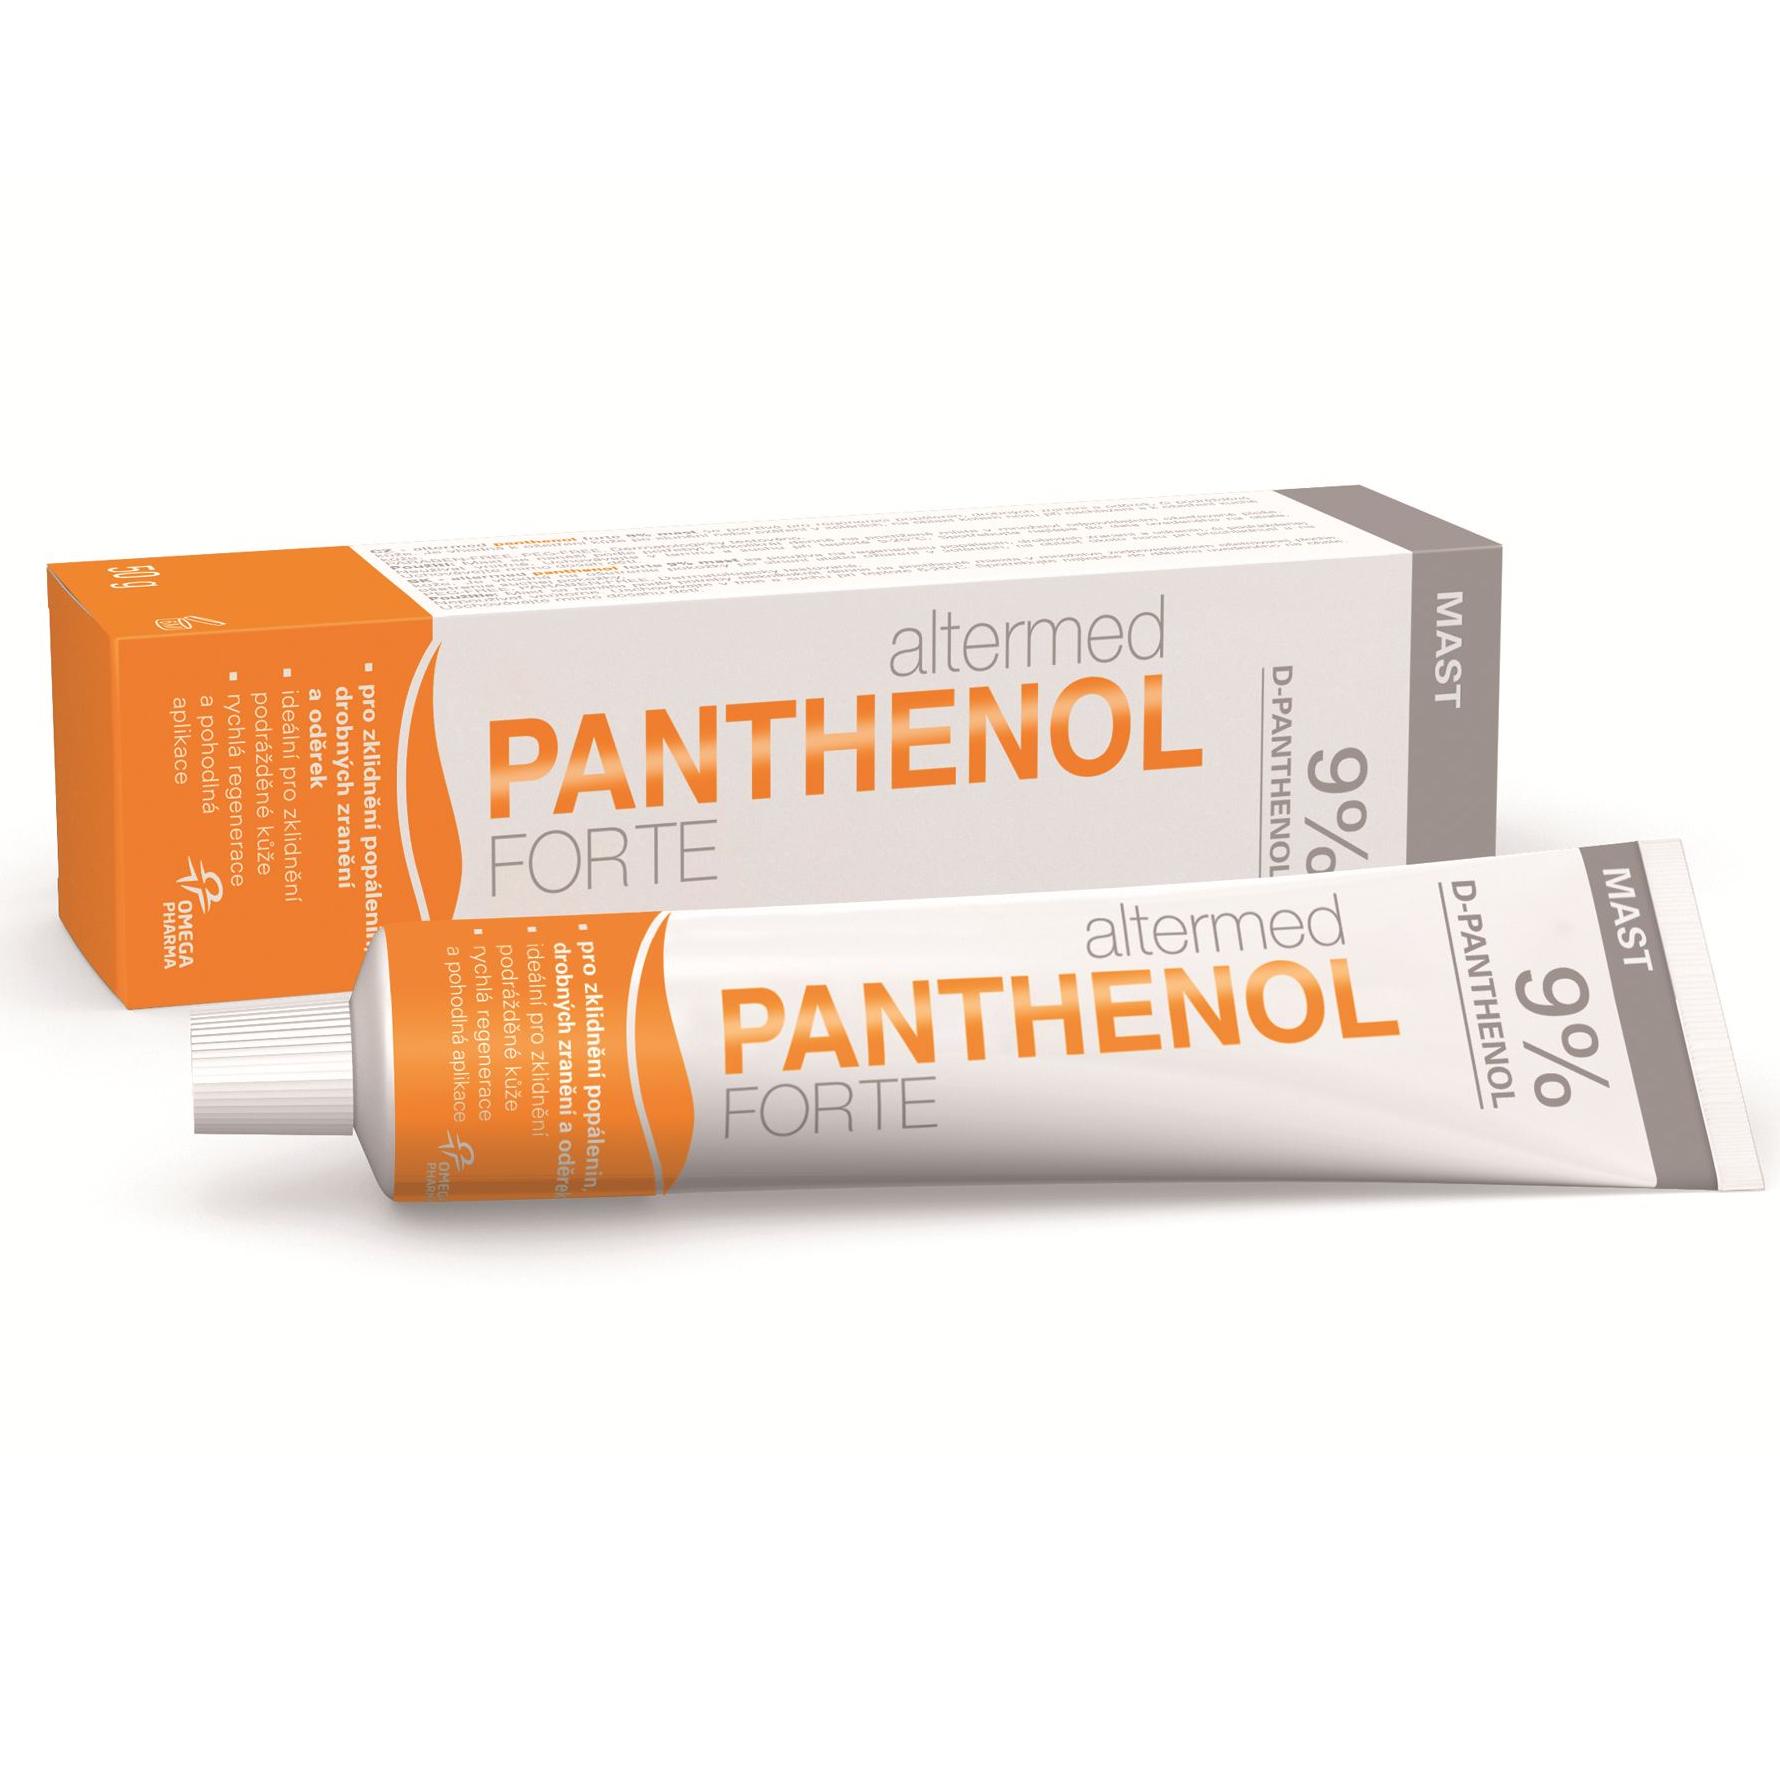 krém panthenol vélemények pikkelysömörhöz pikkelysömör gyógyszeres képek